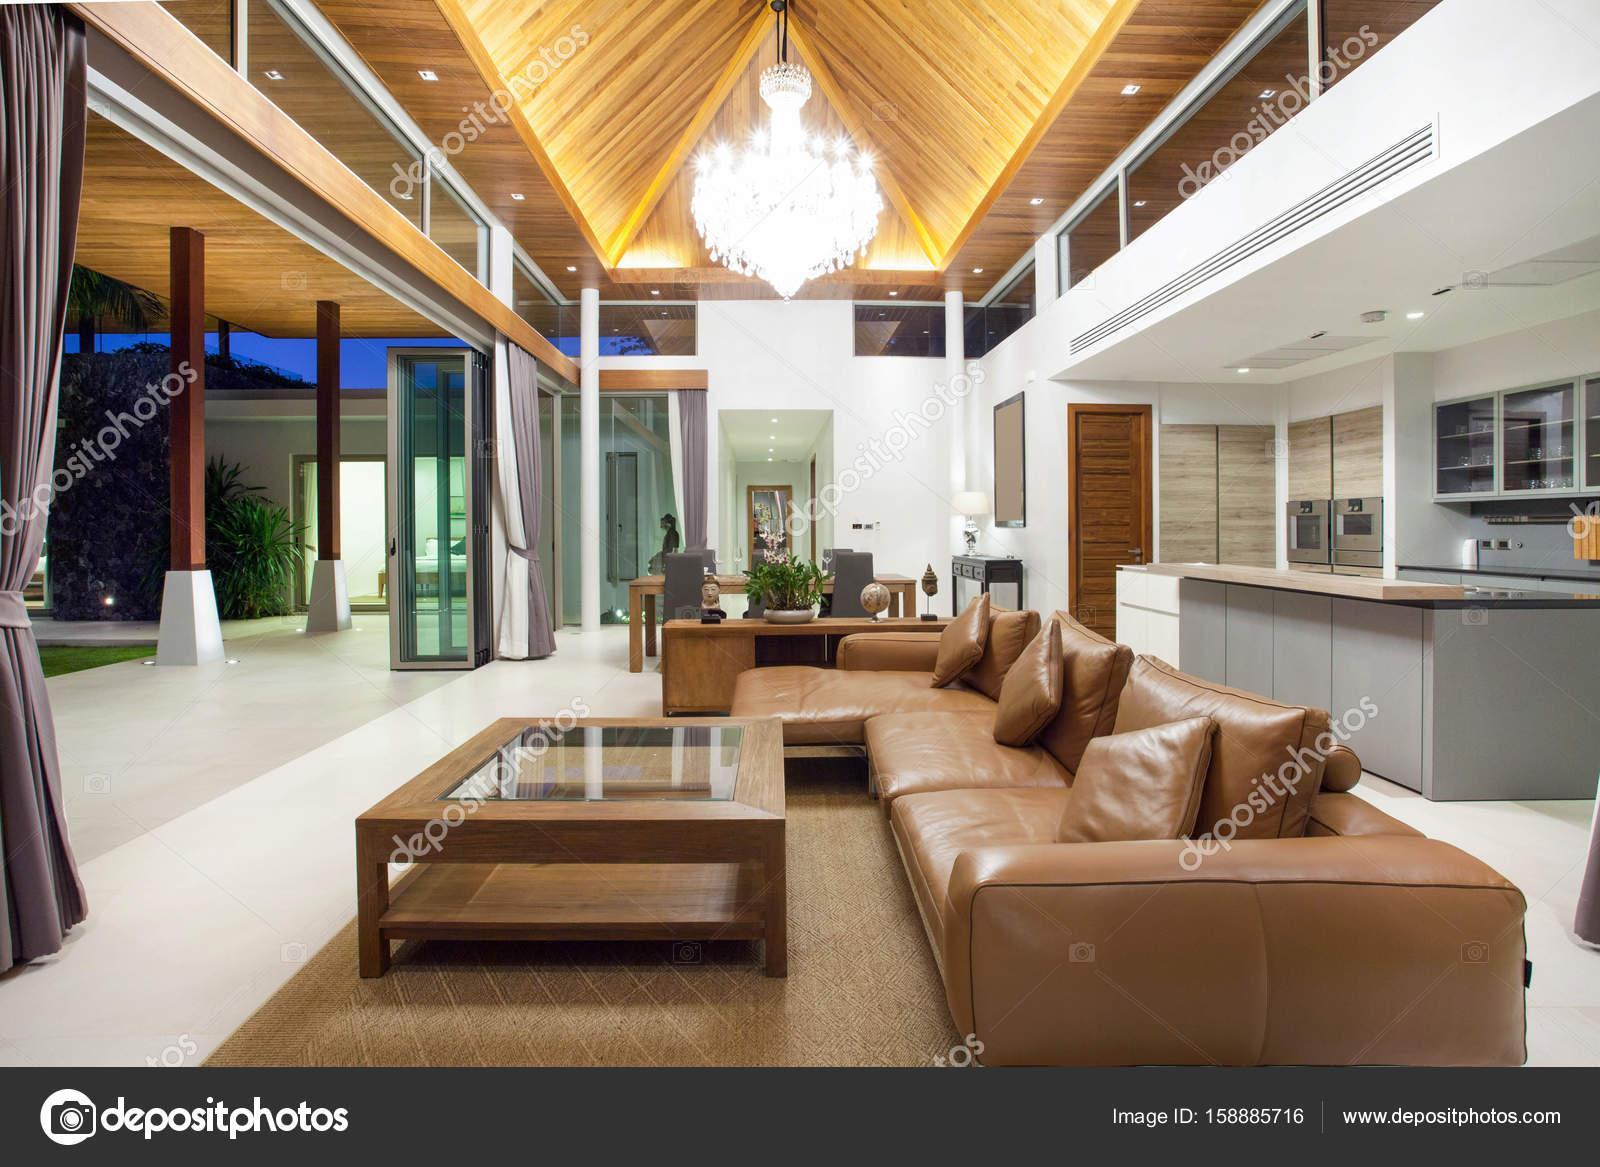 luxus inneneinrichtung im wohnzimmer von pool villen. Black Bedroom Furniture Sets. Home Design Ideas